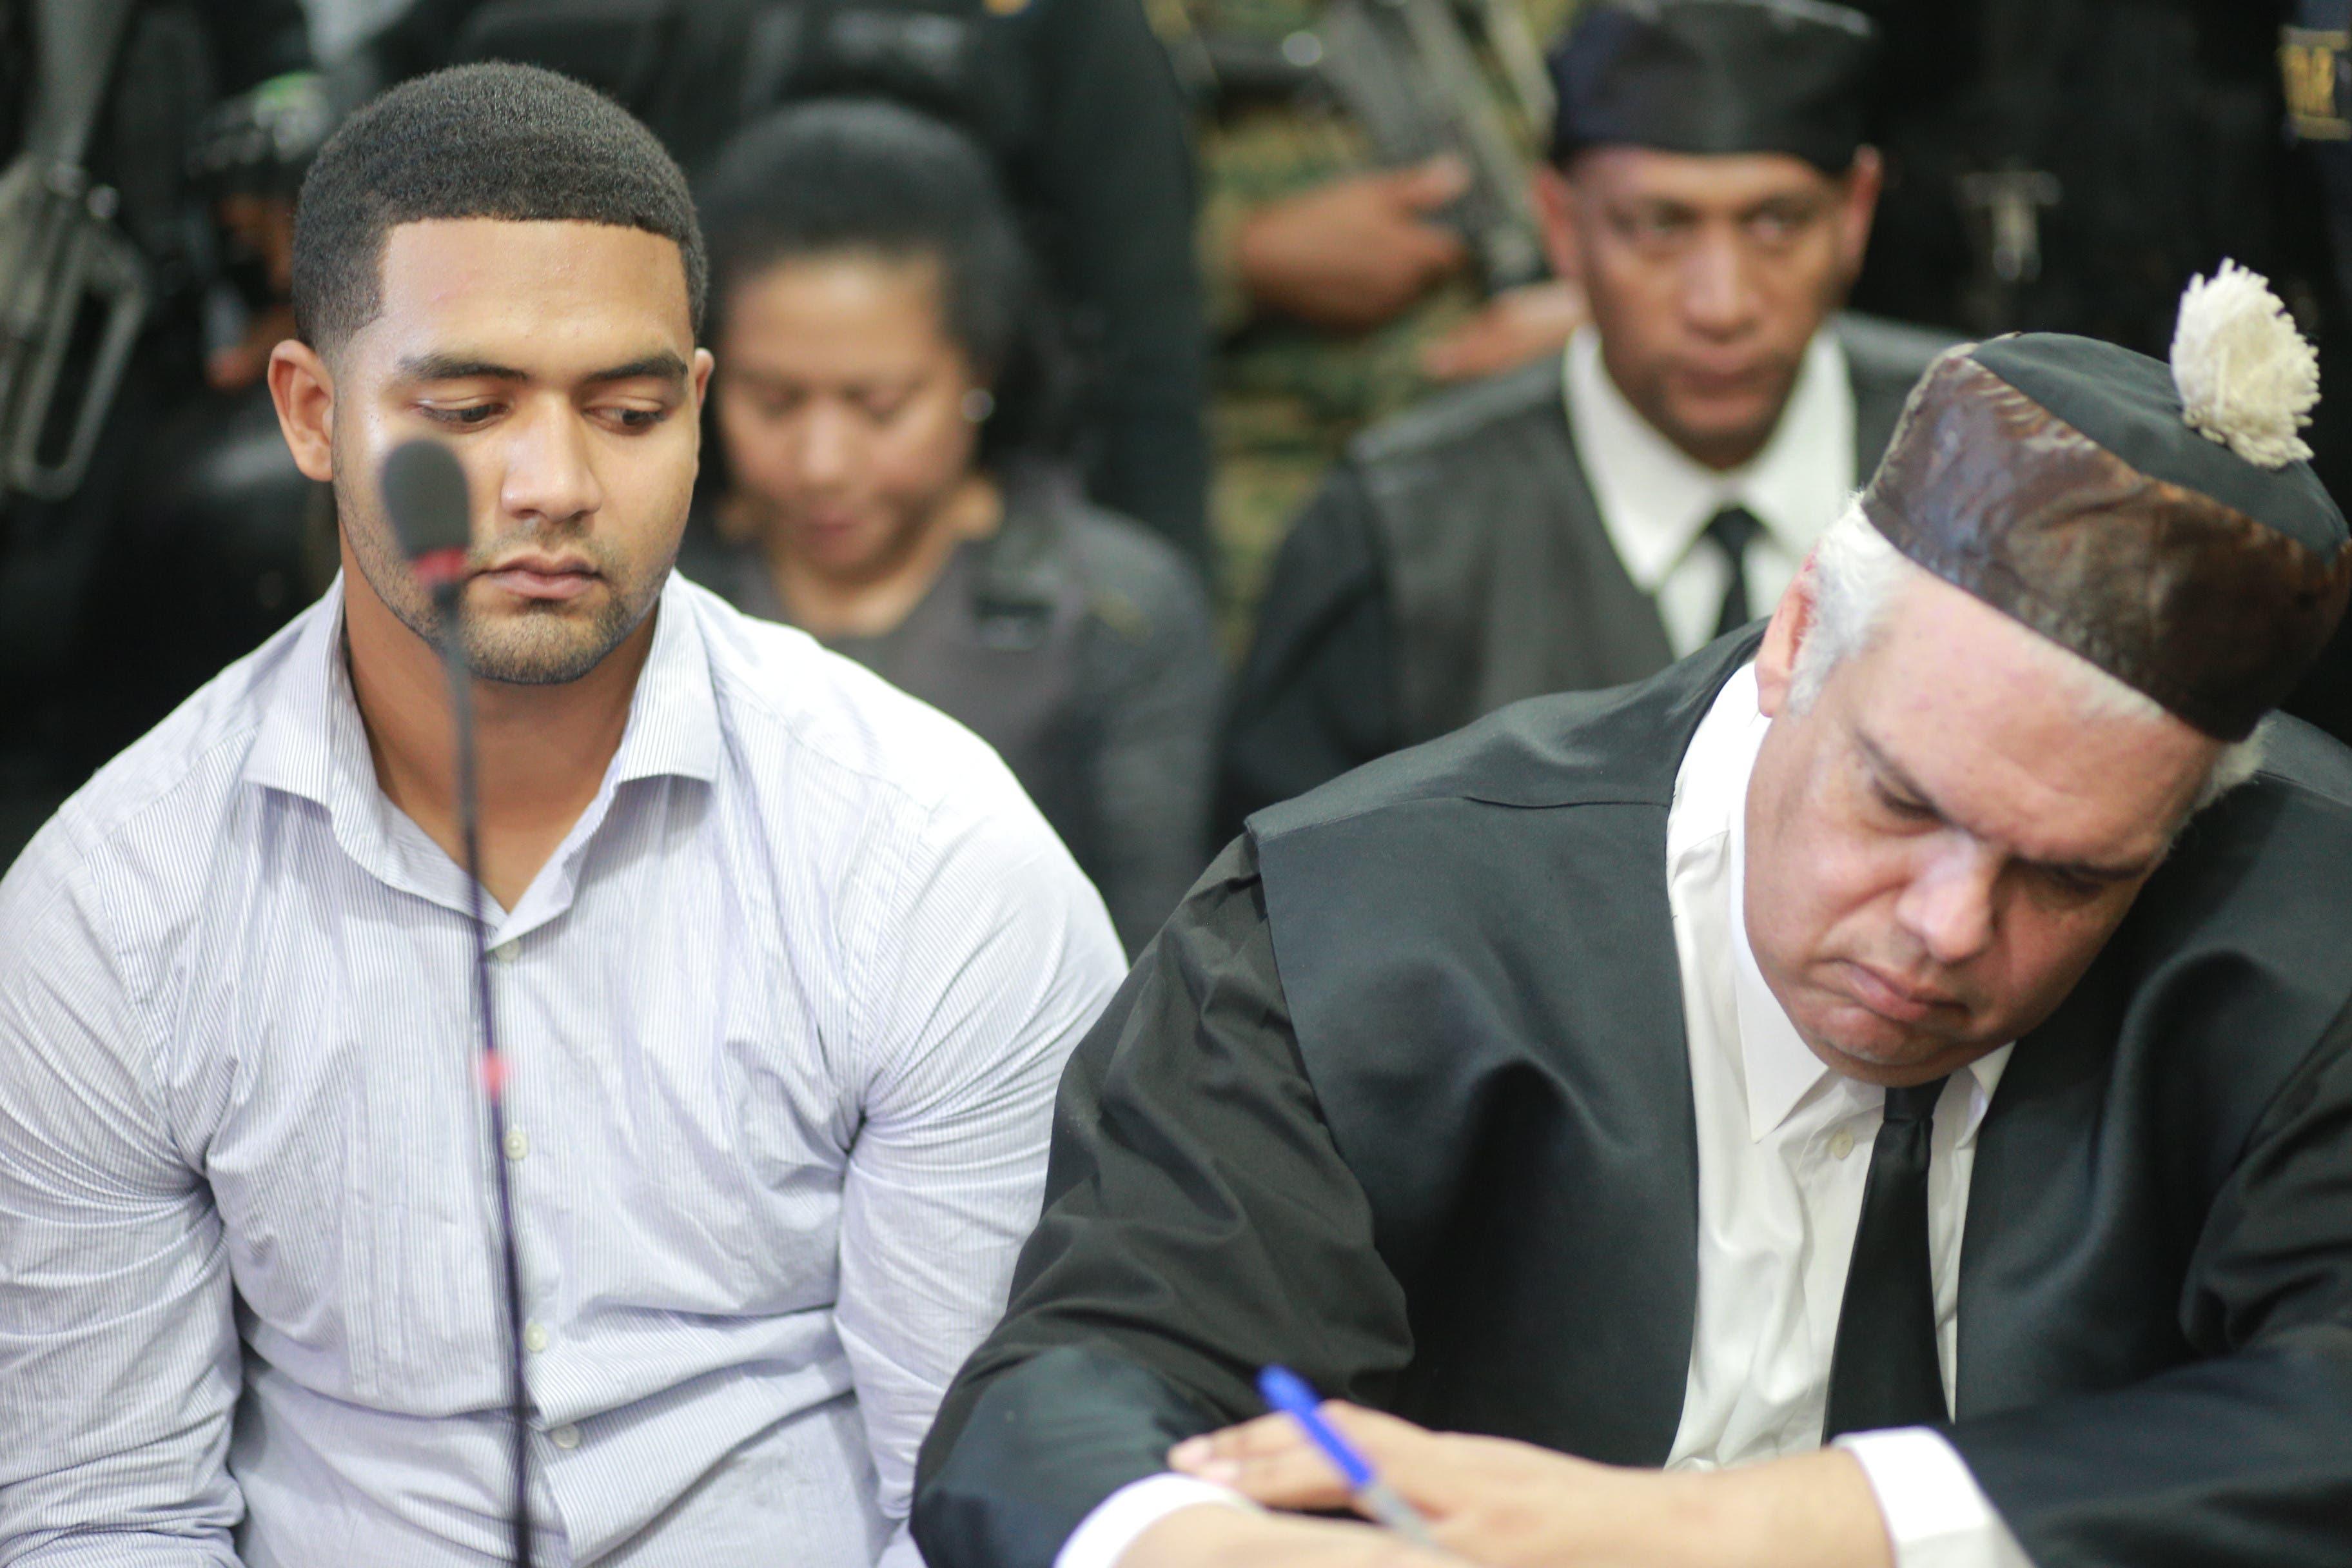 2. Marlon Martínez junto a su abogado Ricardo Reina y detrás su madre Marlin durante la lectura del fallo en caso Emely Peguero. Fotos: Elieser Tapia